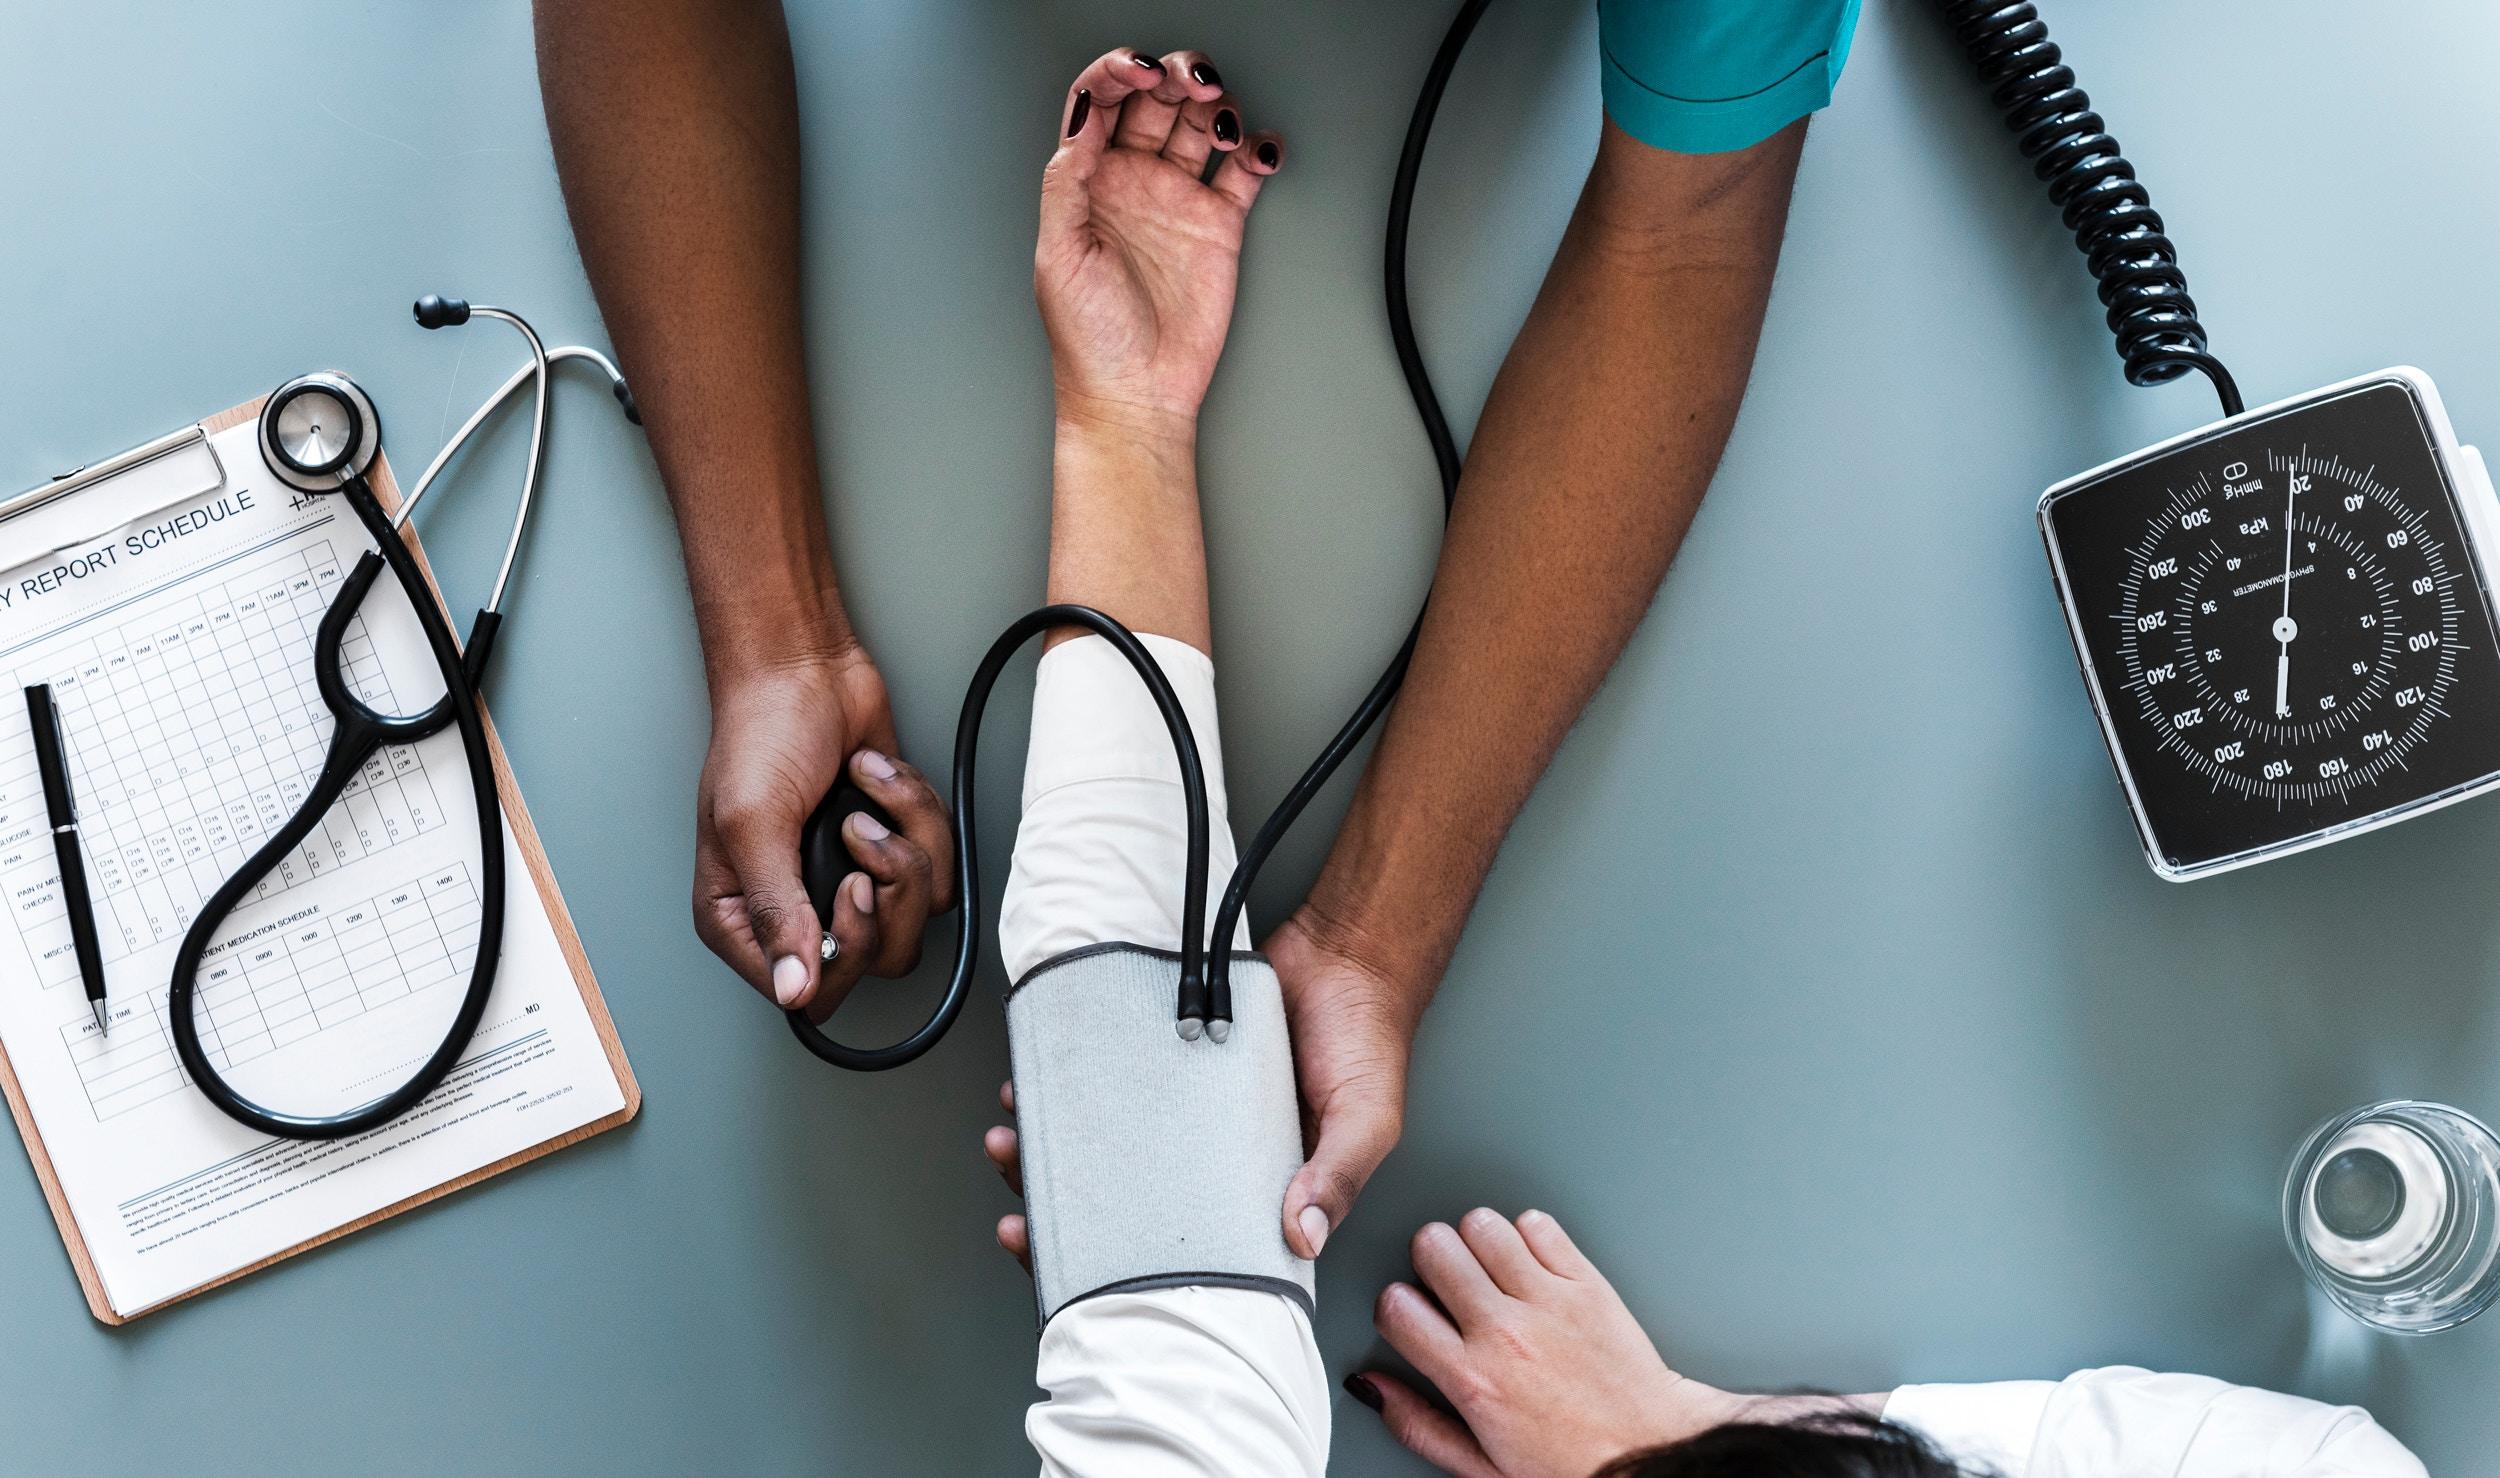 Dokter meet de bloeddruk van een patiënt